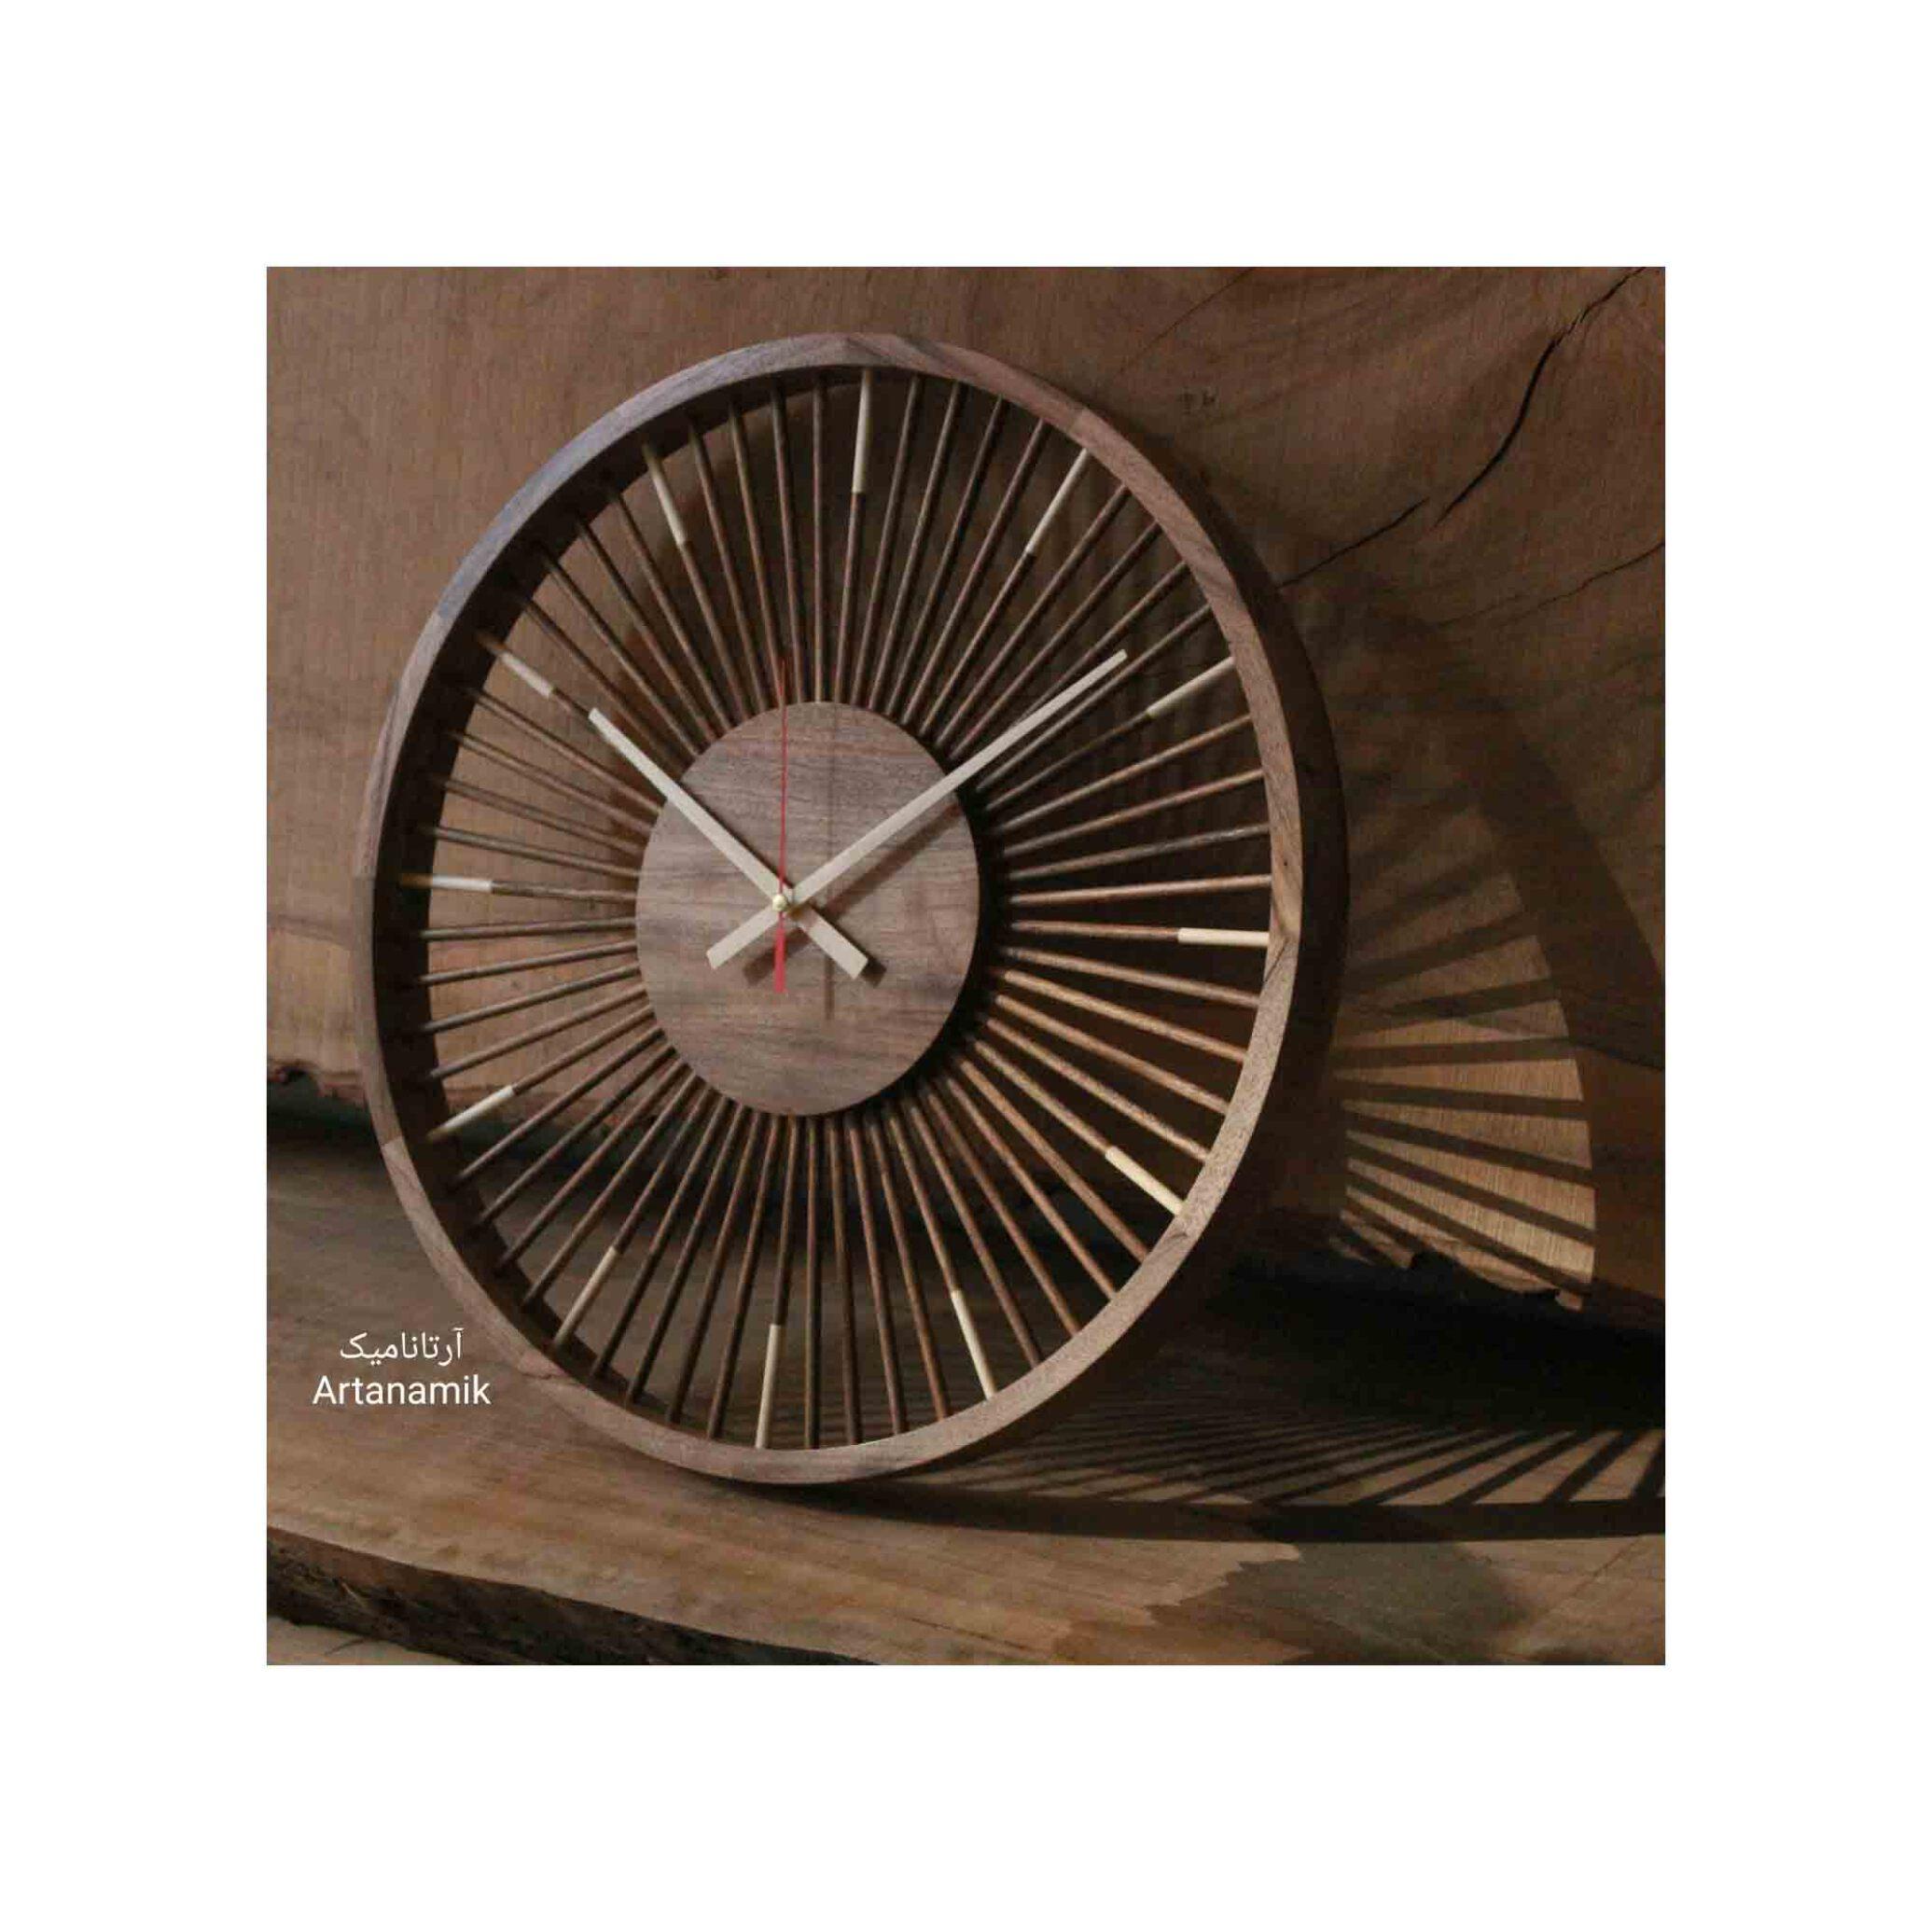 ساعت چوبی کادویی و نفیس، ساخته شده از چوب گرد